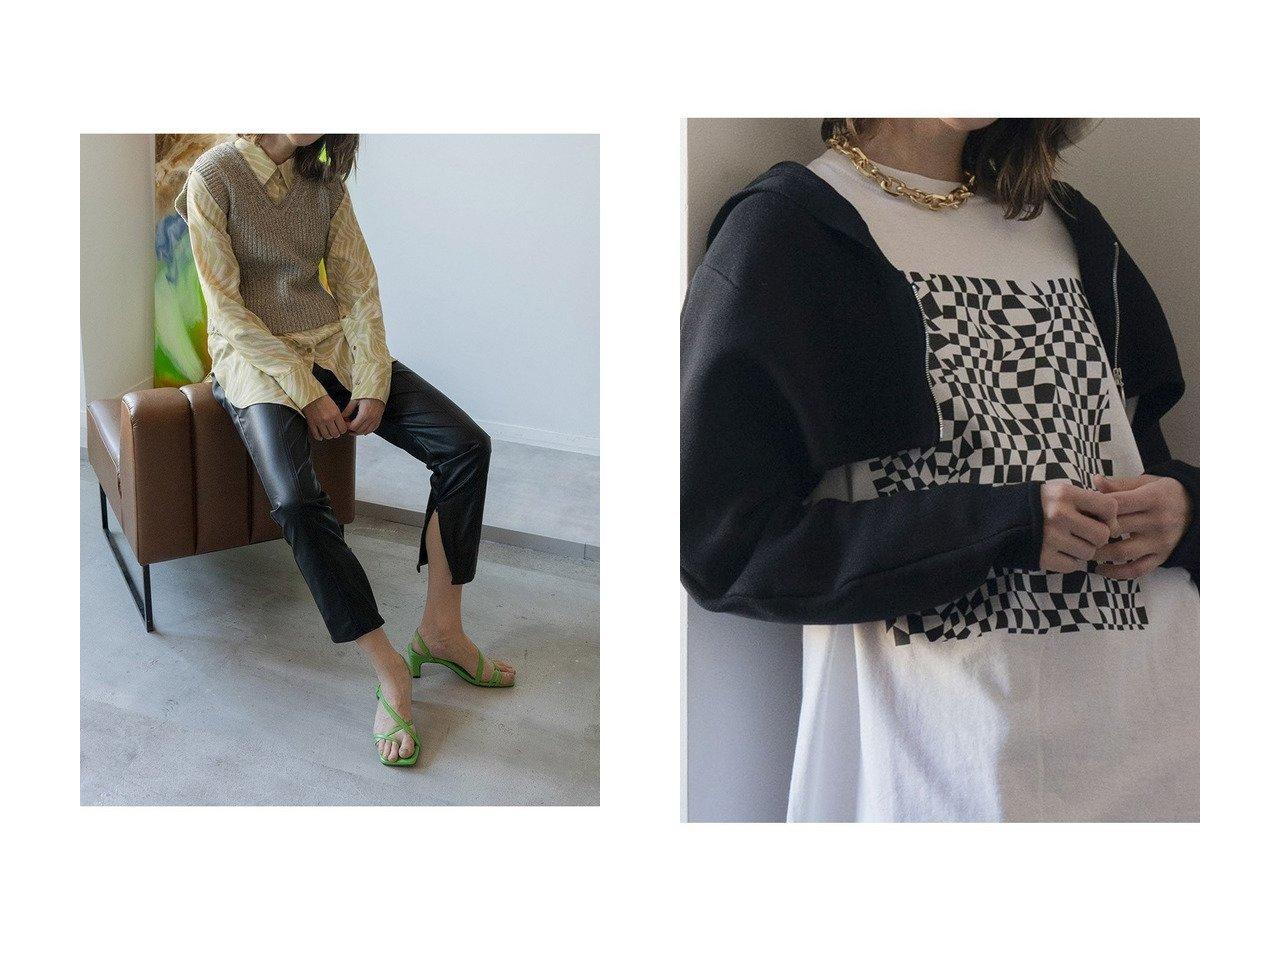 【MAISON SPECIAL/メゾンスペシャル】のセーラーニットボレロ&ニットベストレイヤードシャツ メゾンスペシャルのおすすめ!人気、トレンド・レディースファッションの通販  おすすめで人気の流行・トレンド、ファッションの通販商品 メンズファッション・キッズファッション・インテリア・家具・レディースファッション・服の通販 founy(ファニー) https://founy.com/ ファッション Fashion レディースファッション WOMEN トップス カットソー Tops Tshirt ニット Knit Tops シャツ/ブラウス Shirts Blouses ベスト/ジレ Gilets Vests プルオーバー Pullover カーディガン Cardigans オーガンジー 春 Spring シアー スリット スリーブ センター ベスト ミドル メランジ リラックス ロング 2021年 2021 S/S 春夏 SS Spring/Summer 2021 春夏 S/S SS Spring/Summer 2021 カーディガン ジップ ボレロ |ID:crp329100000021138